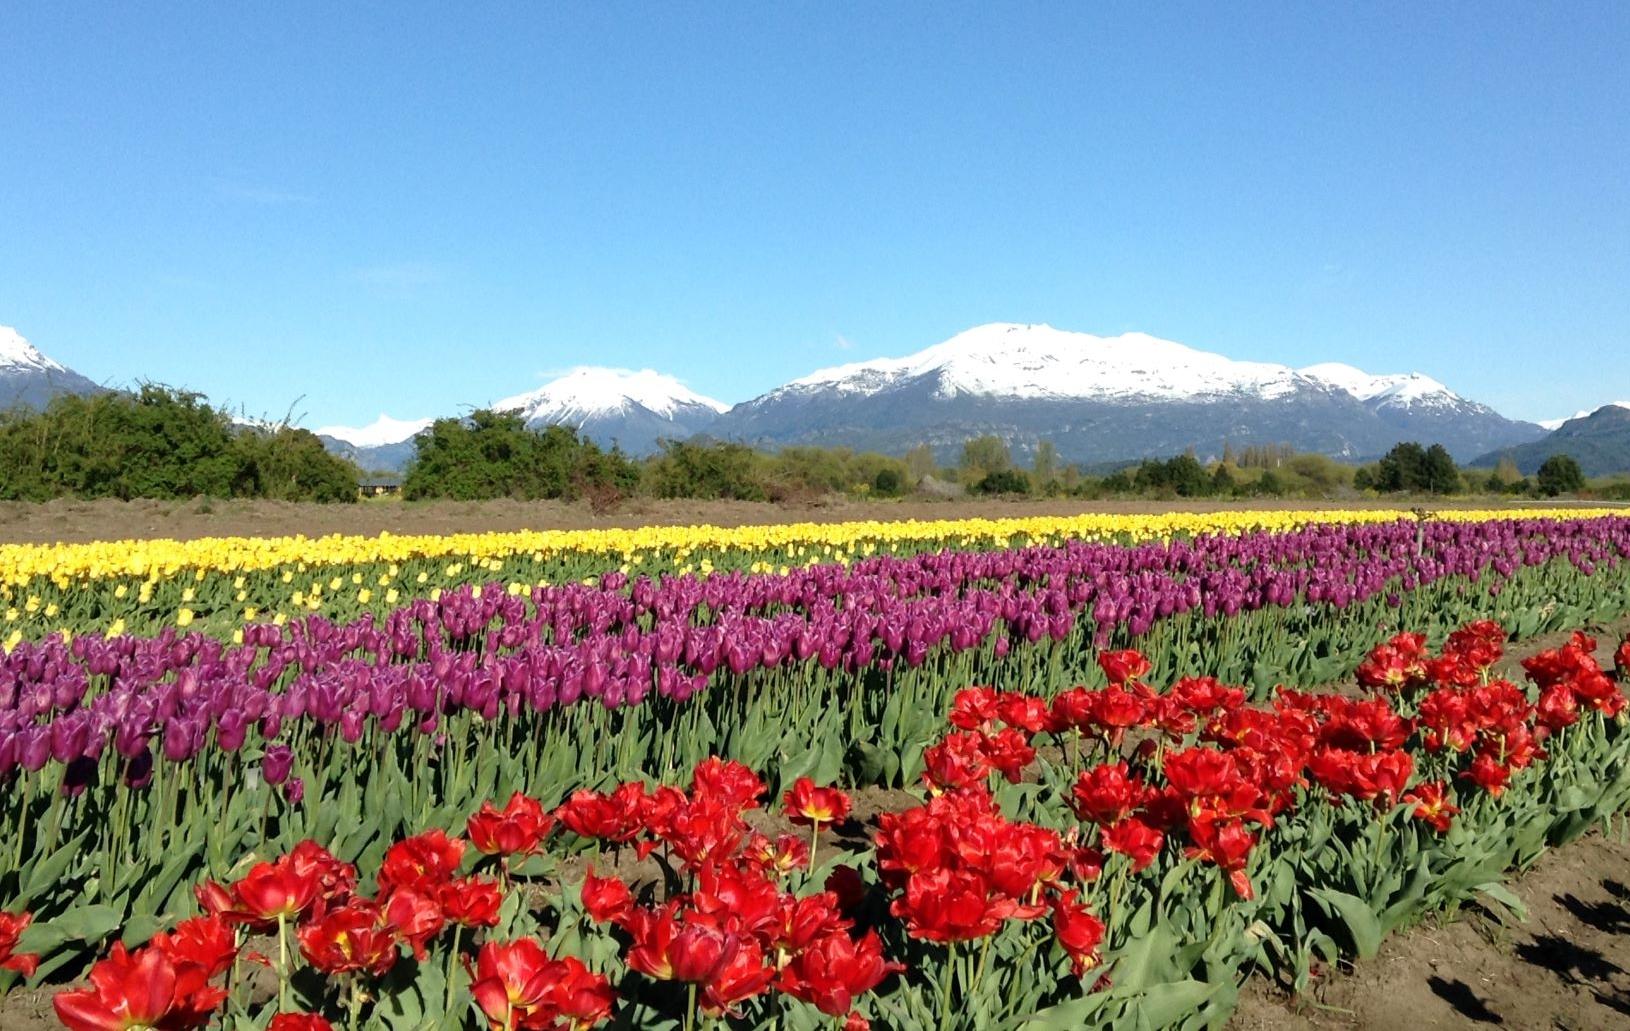 Un mar de tulipanes al pie de los Andes en Chubut